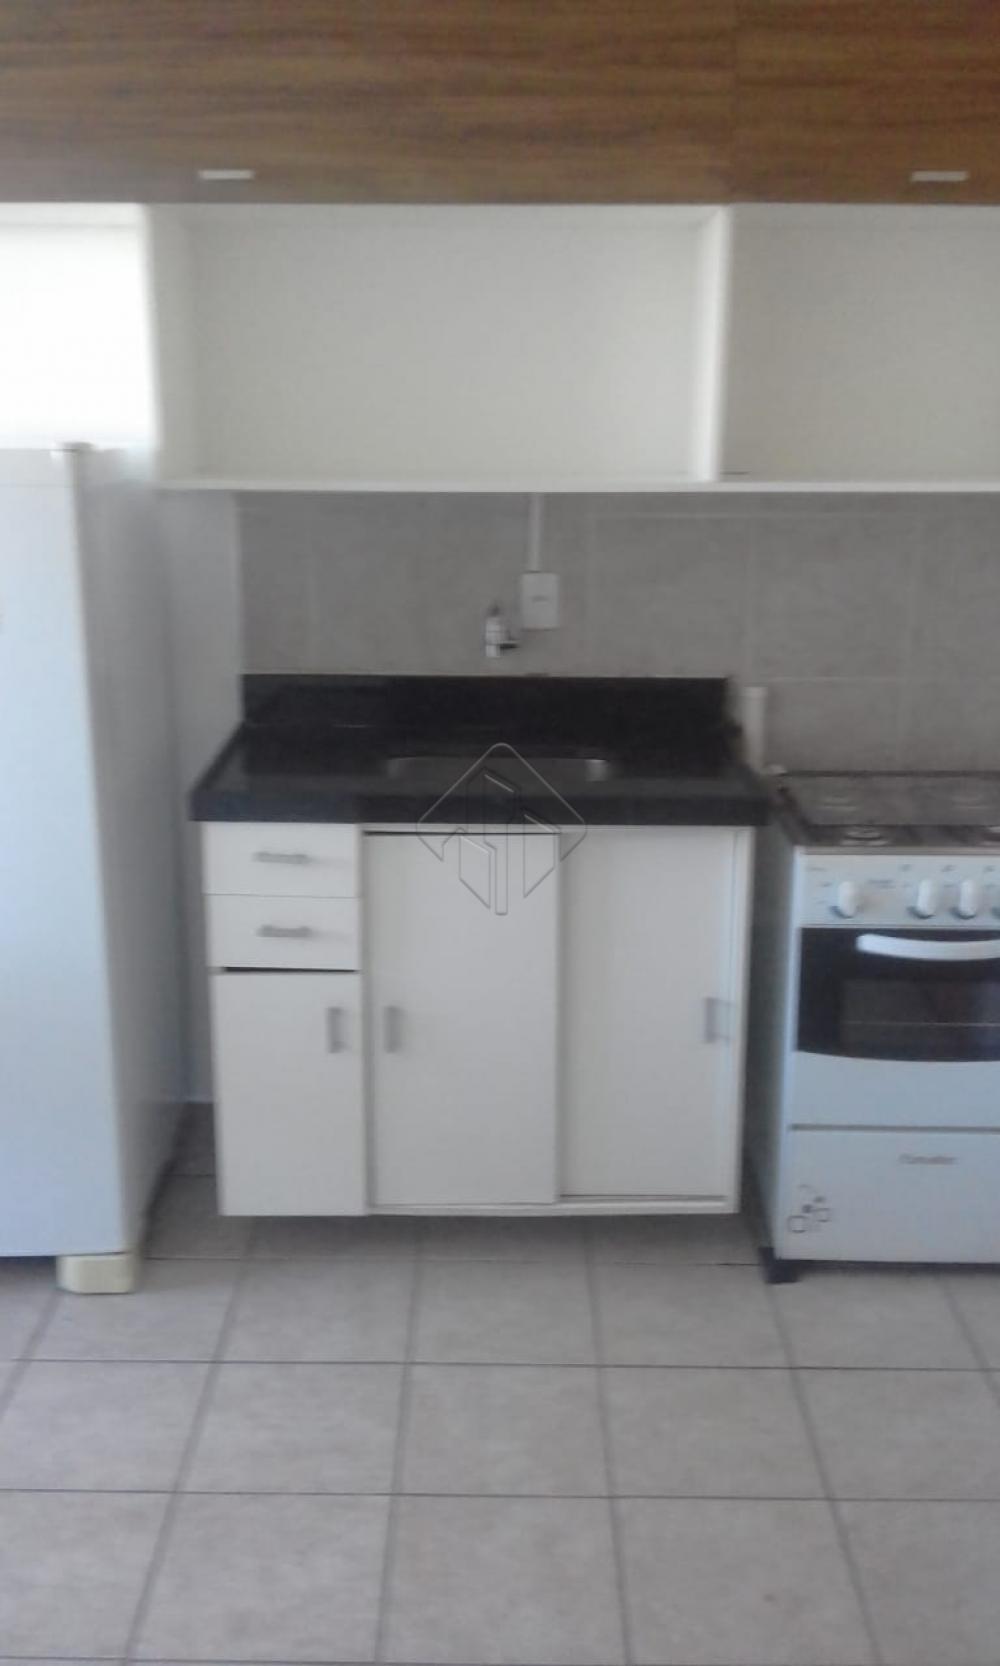 Descrição:  - 1 quarto - Sala - Cozinha - Wc social  Armário na cozinha  AGENDE AGORA SUA VISITA TEIXEIRA DE CARVALHO IMOBILIÁRIA CRECI 304J - (83) 2106-4545